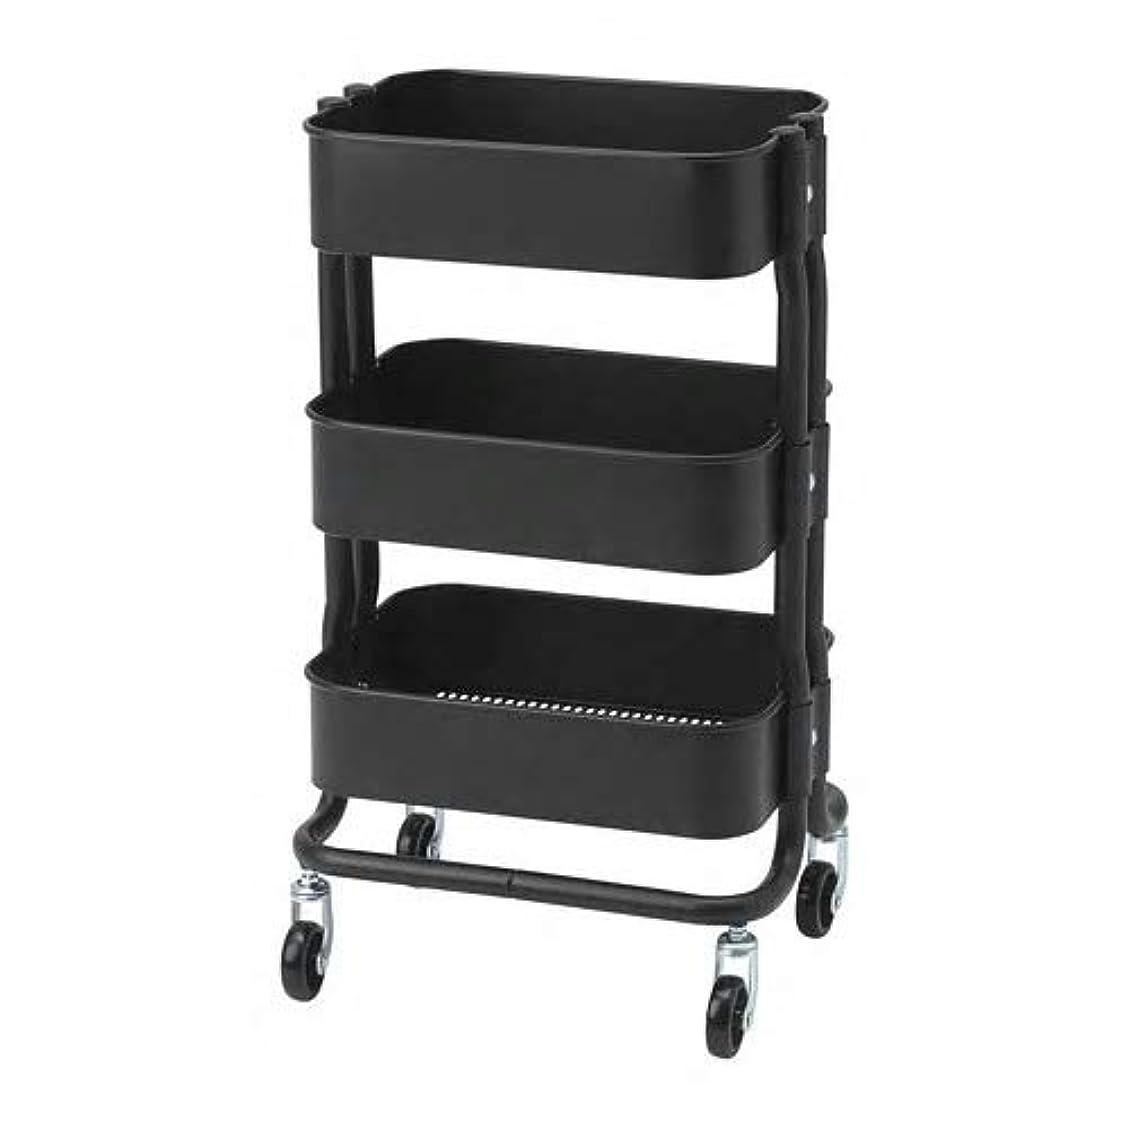 悪化する成熟した芸術IKEA/イケア RASHULT:ワゴン38x28x65 cm ブラック (304.459.91)